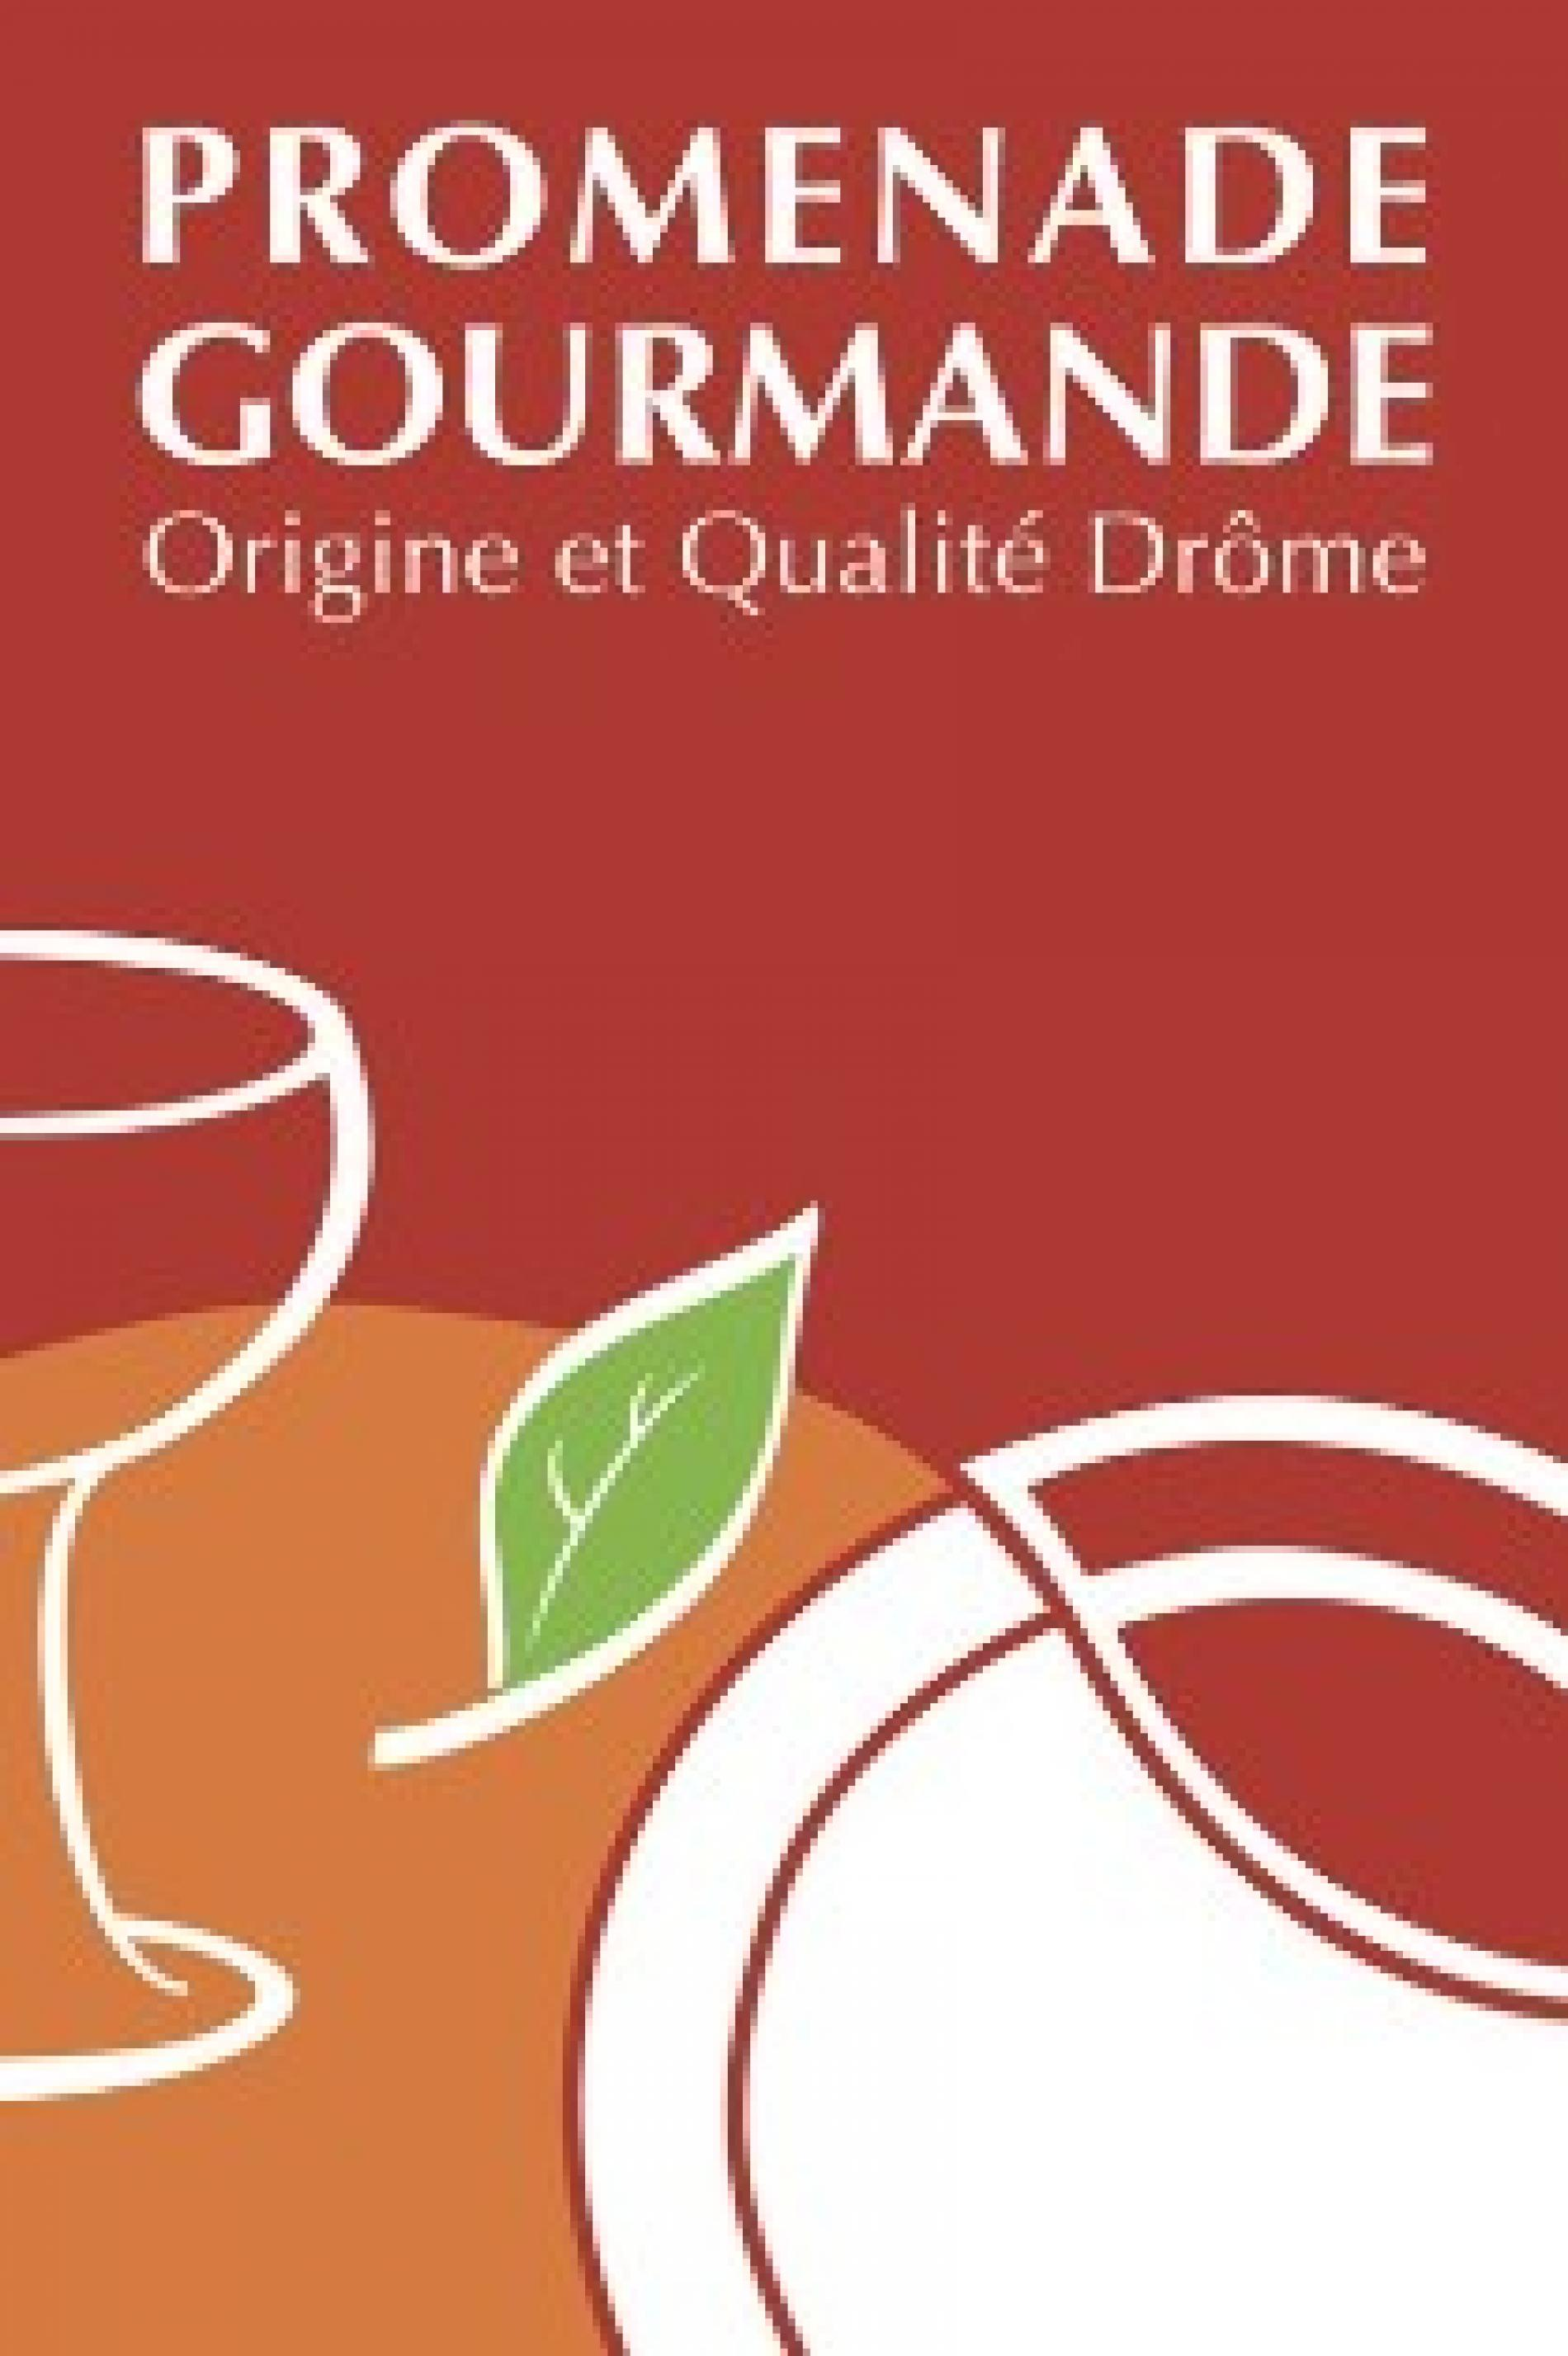 Promenade gourmande Origine et Qualité Tourisme Drôme